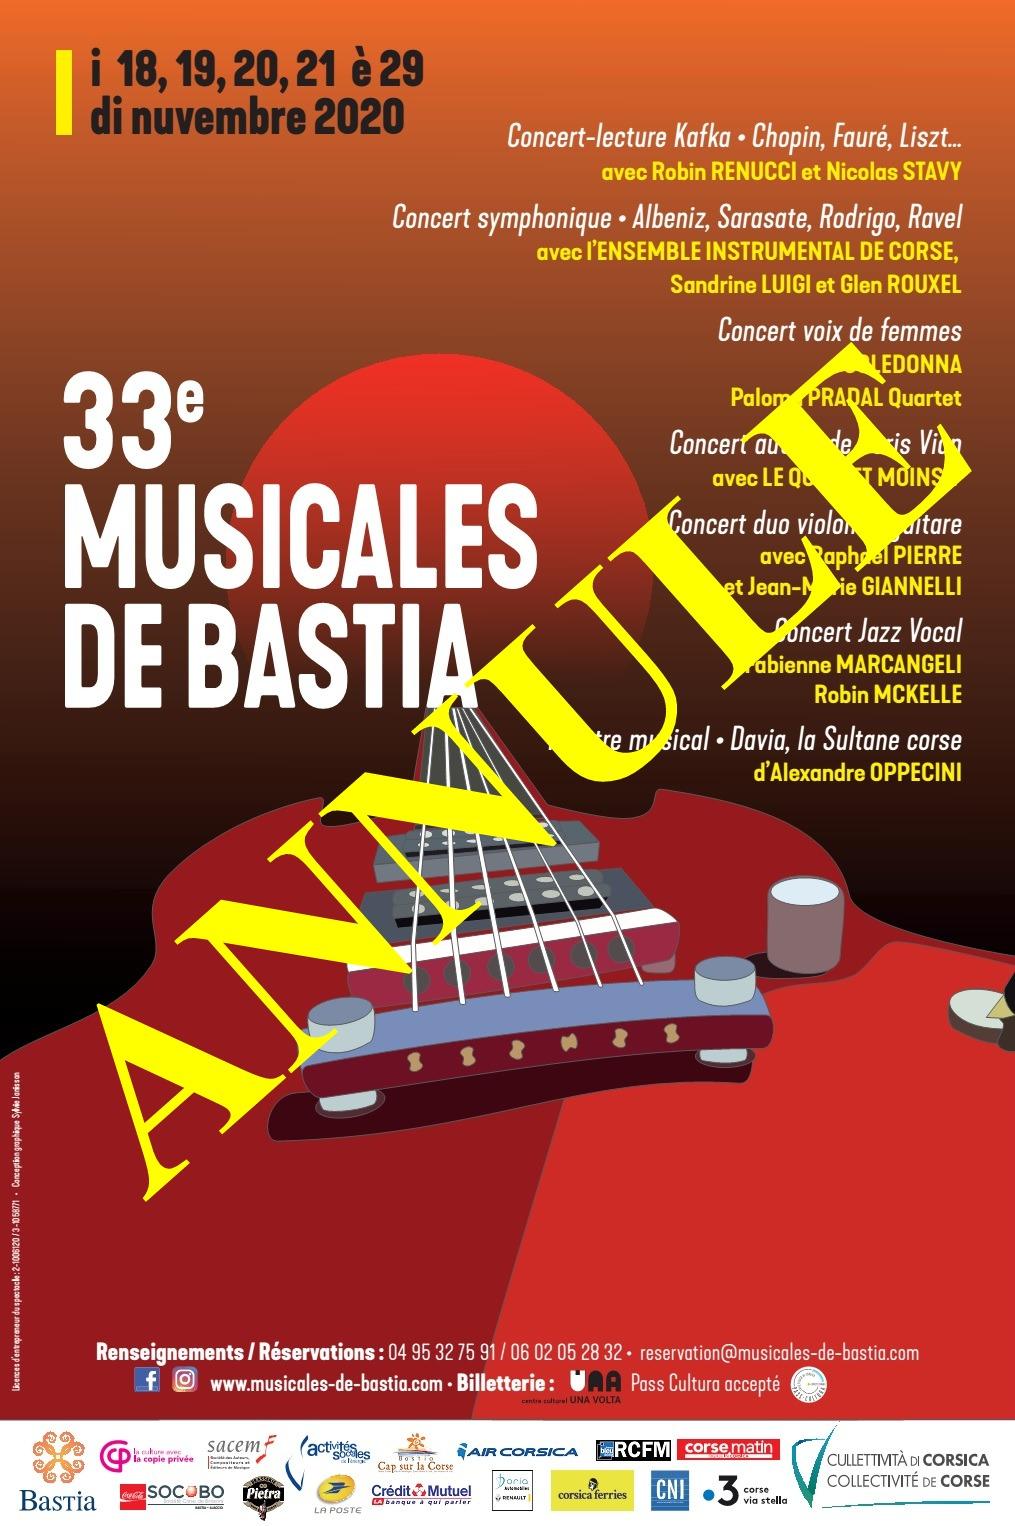 Les Musicales de Bastia annulées et reportées en 2021